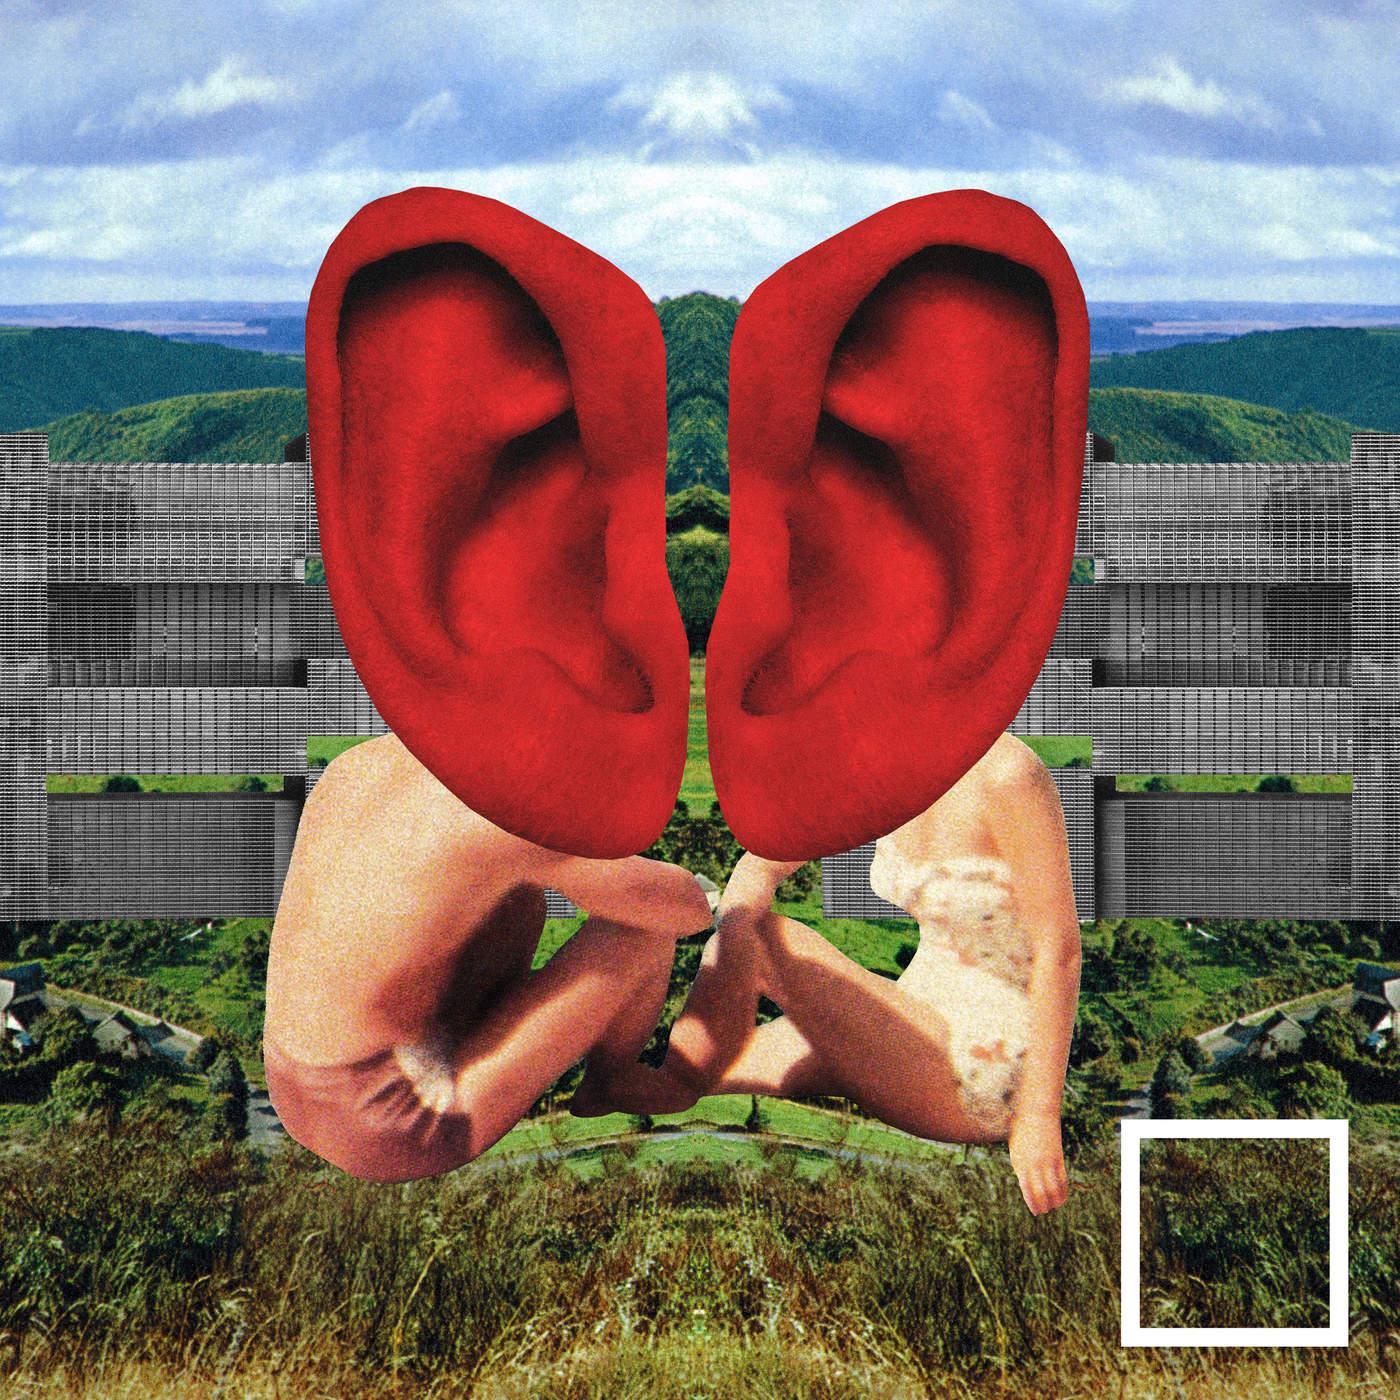 دانلود آهنگ جدید Clean Bandit ft. Zara Larsson به نام Symphony